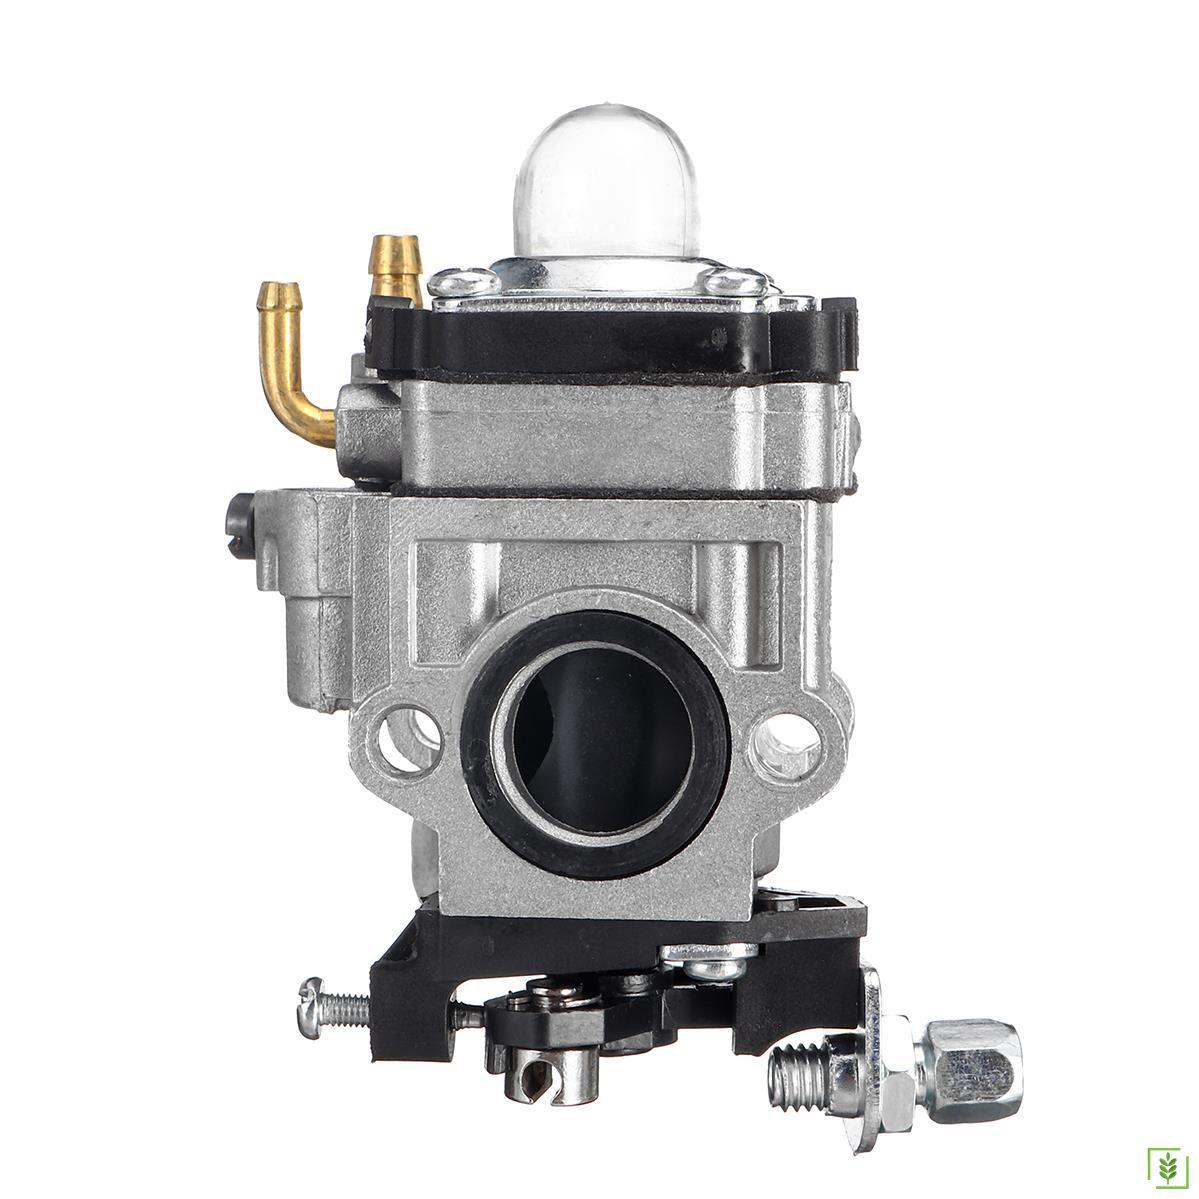 Benzinli Tırpan CG/Bg 430-520 Karbüratörü